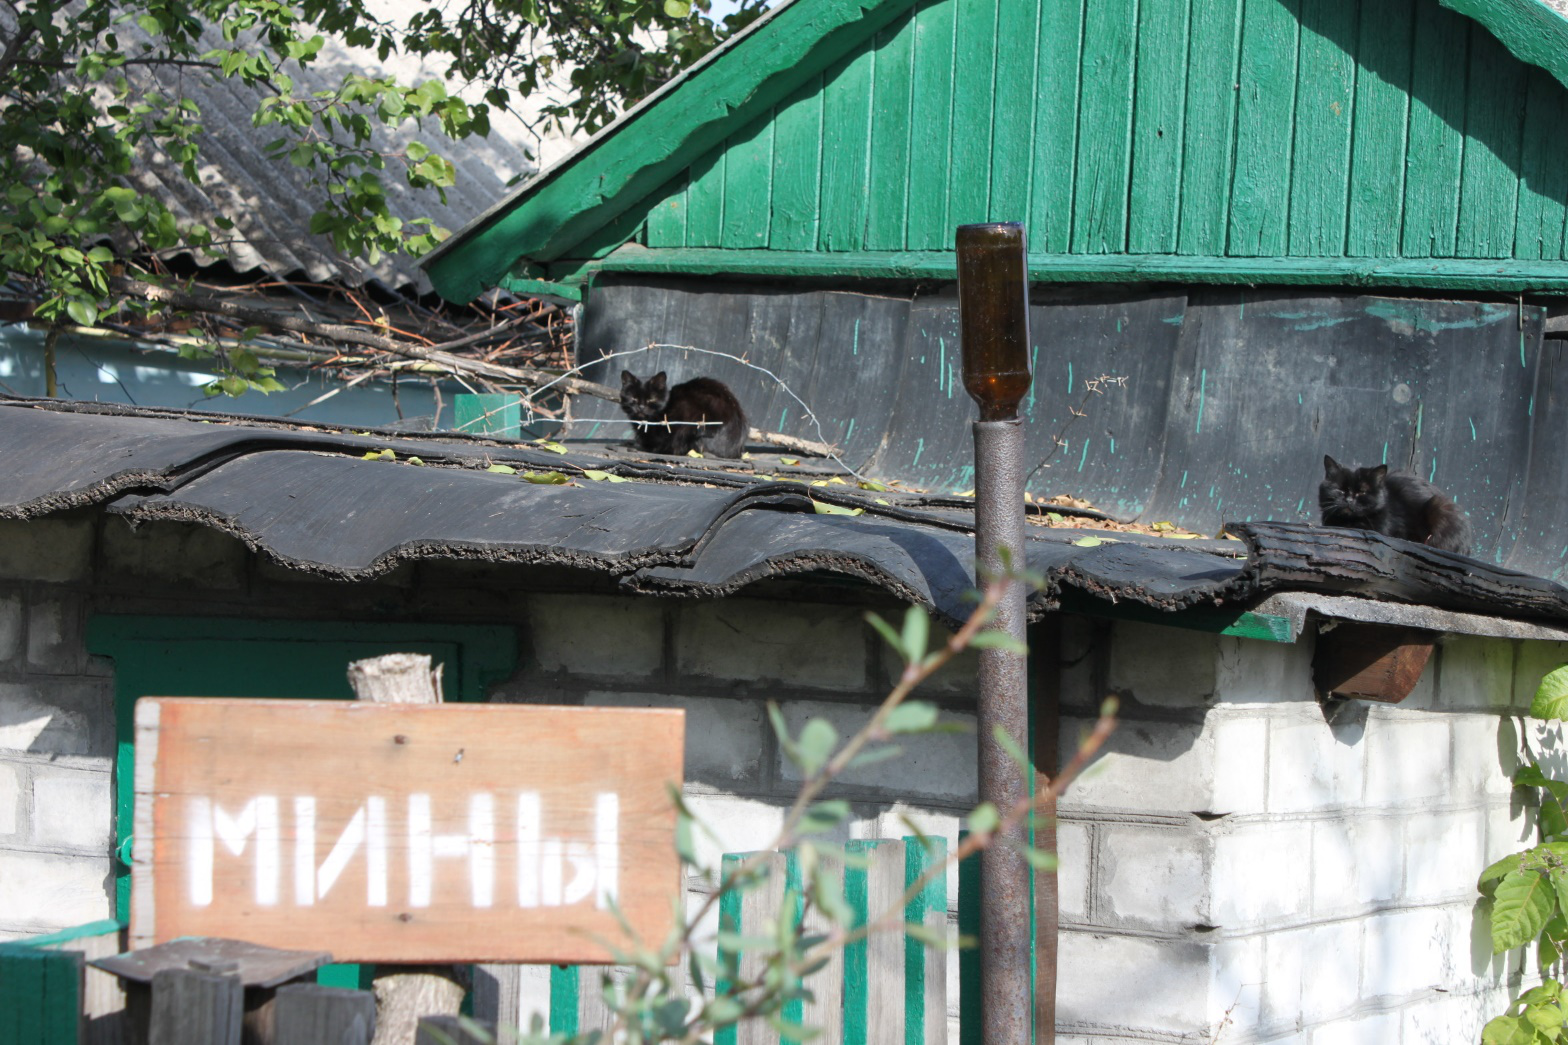 """""""Minen"""" warnt das Schild. Laut UN stellen Minen für zwei Millionen Ukrainerinnen und Ukrainer eine konstante Bedrohung dar. Auch in der Graphic Novel thematisiert eine Geschichte dieses Problem. - Foto: Volodymyr Shcherbachenko"""